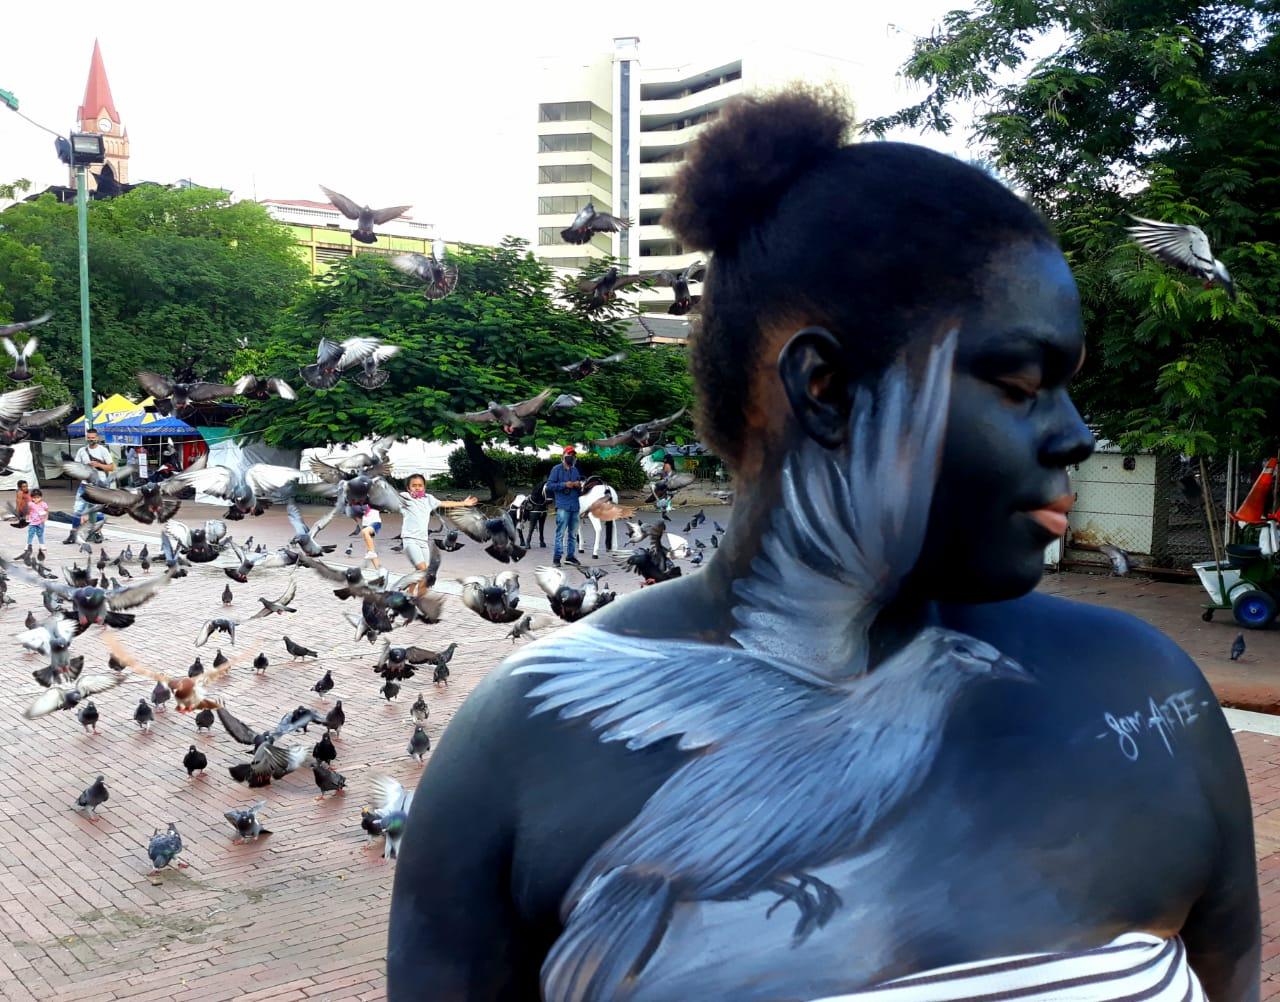 El arte callejero es arte visual creado en lugares públicos, generalmente obras de arte.